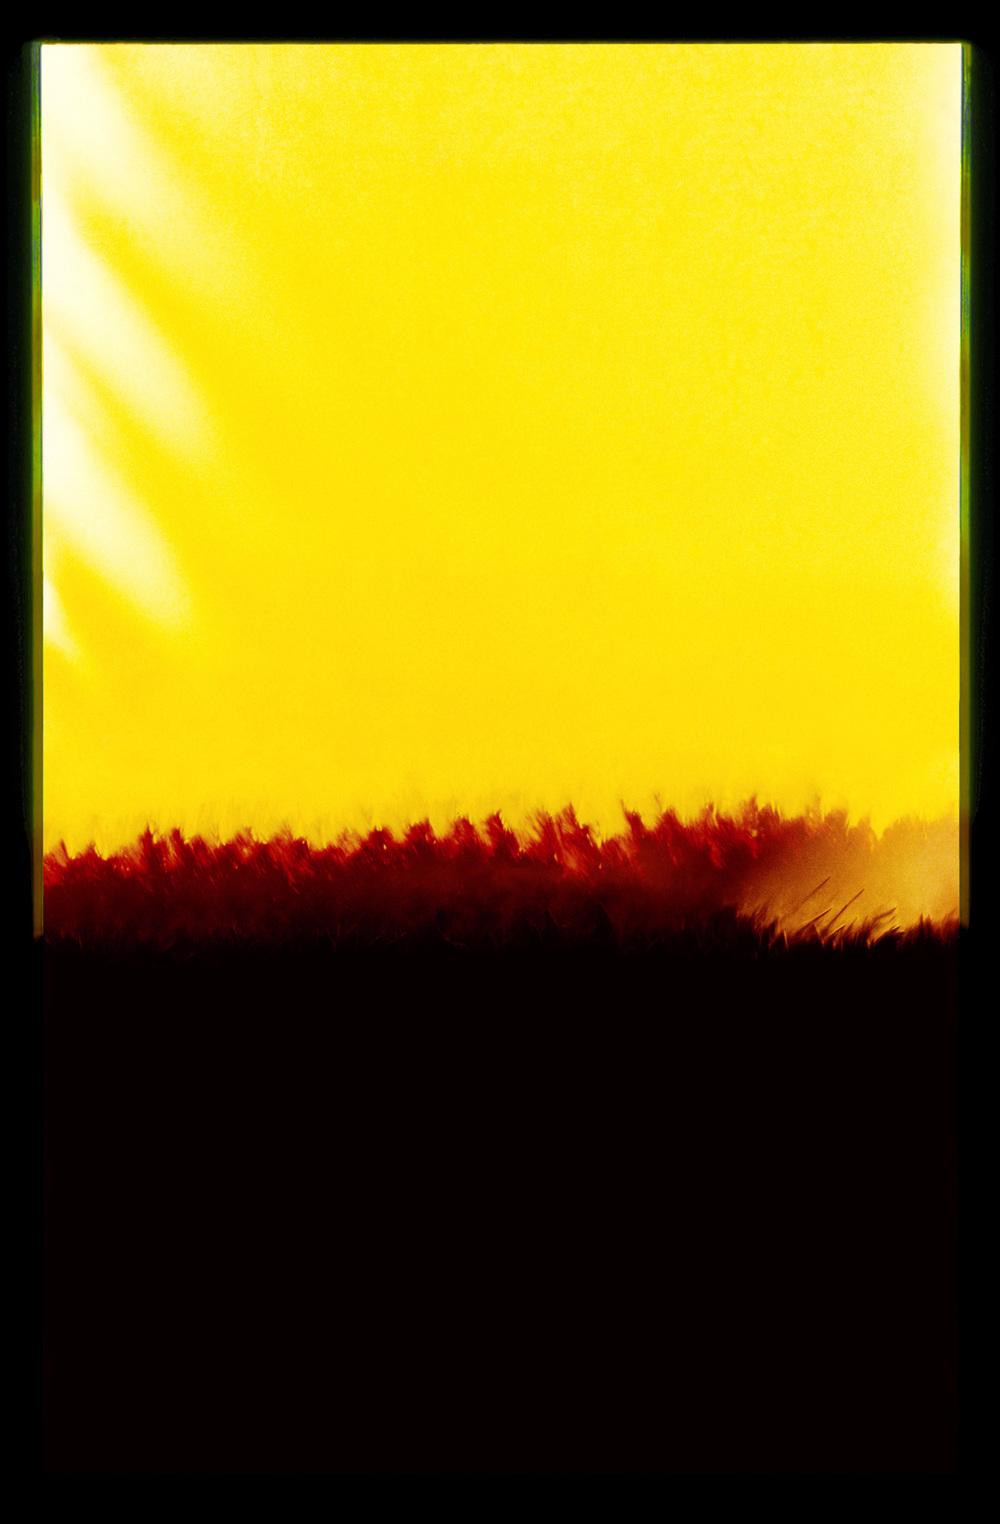 Endings - Kodachrome 64, No. 0A. 17/07/1970